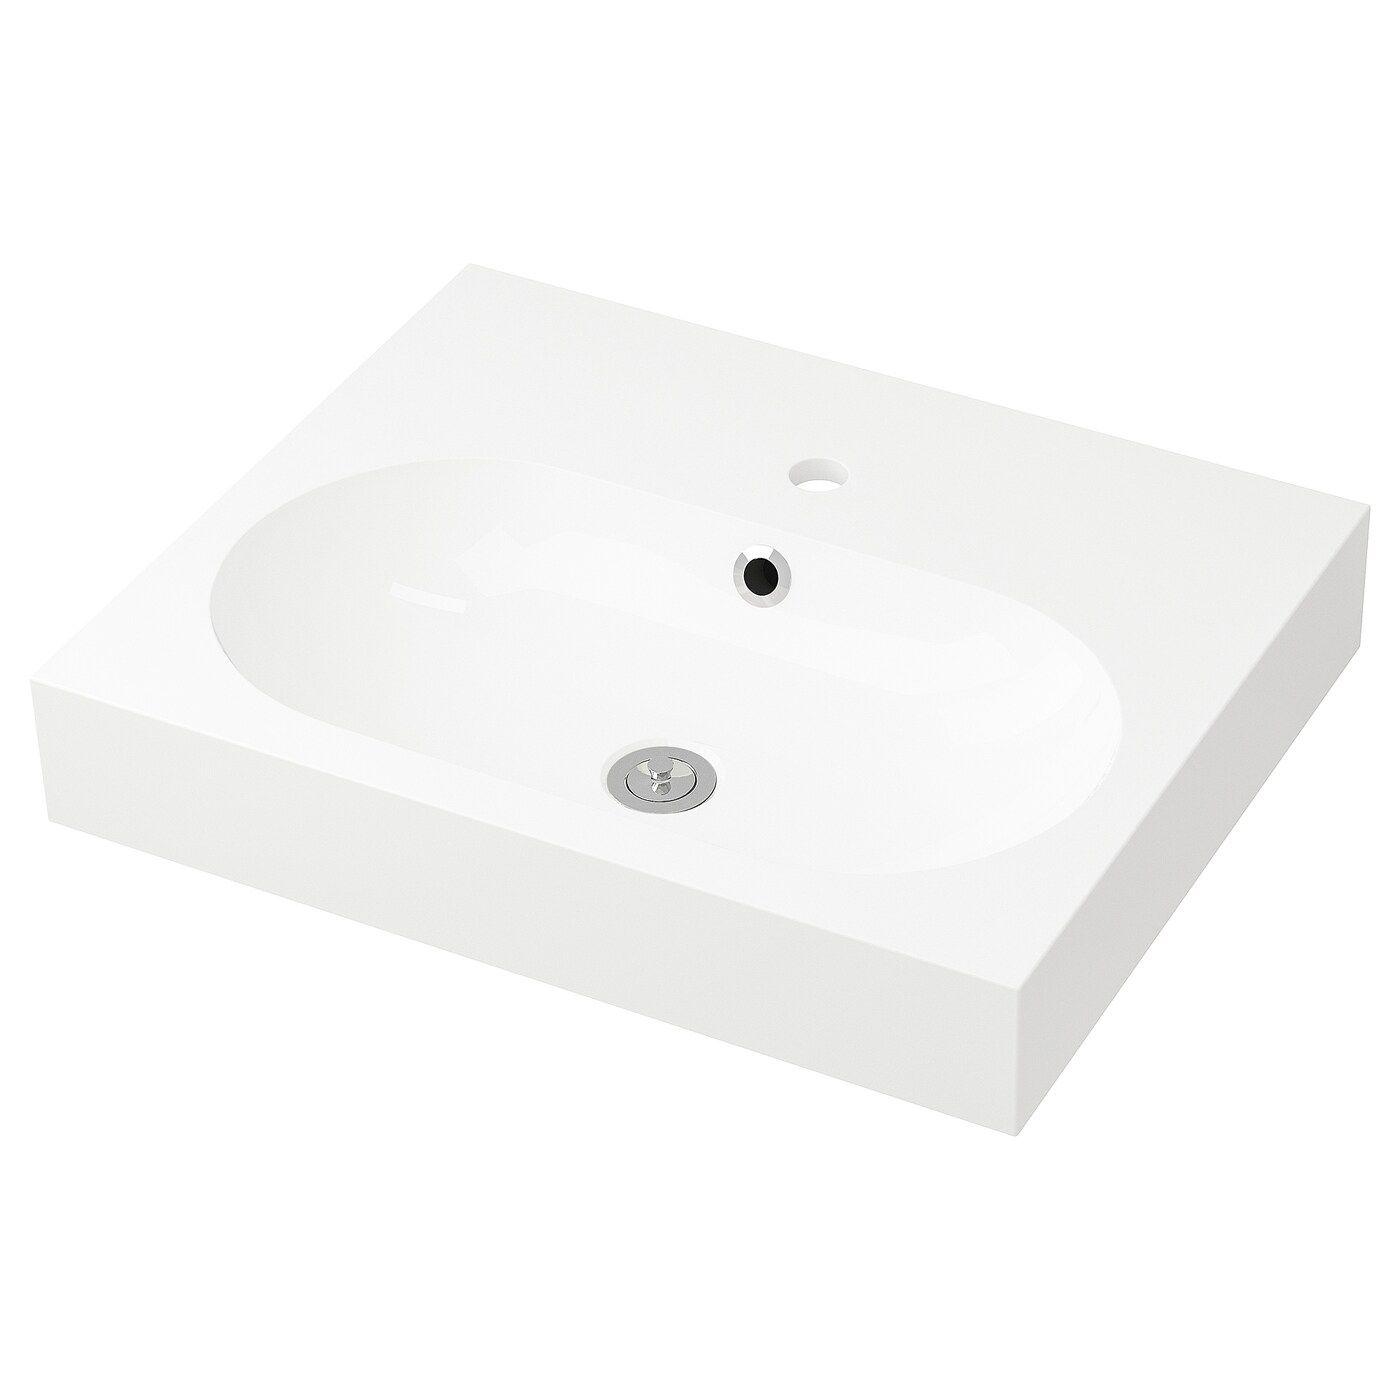 Braviken Waschbecken 1 Weiss Waschbecken Ikea Und Reinigungsmittel